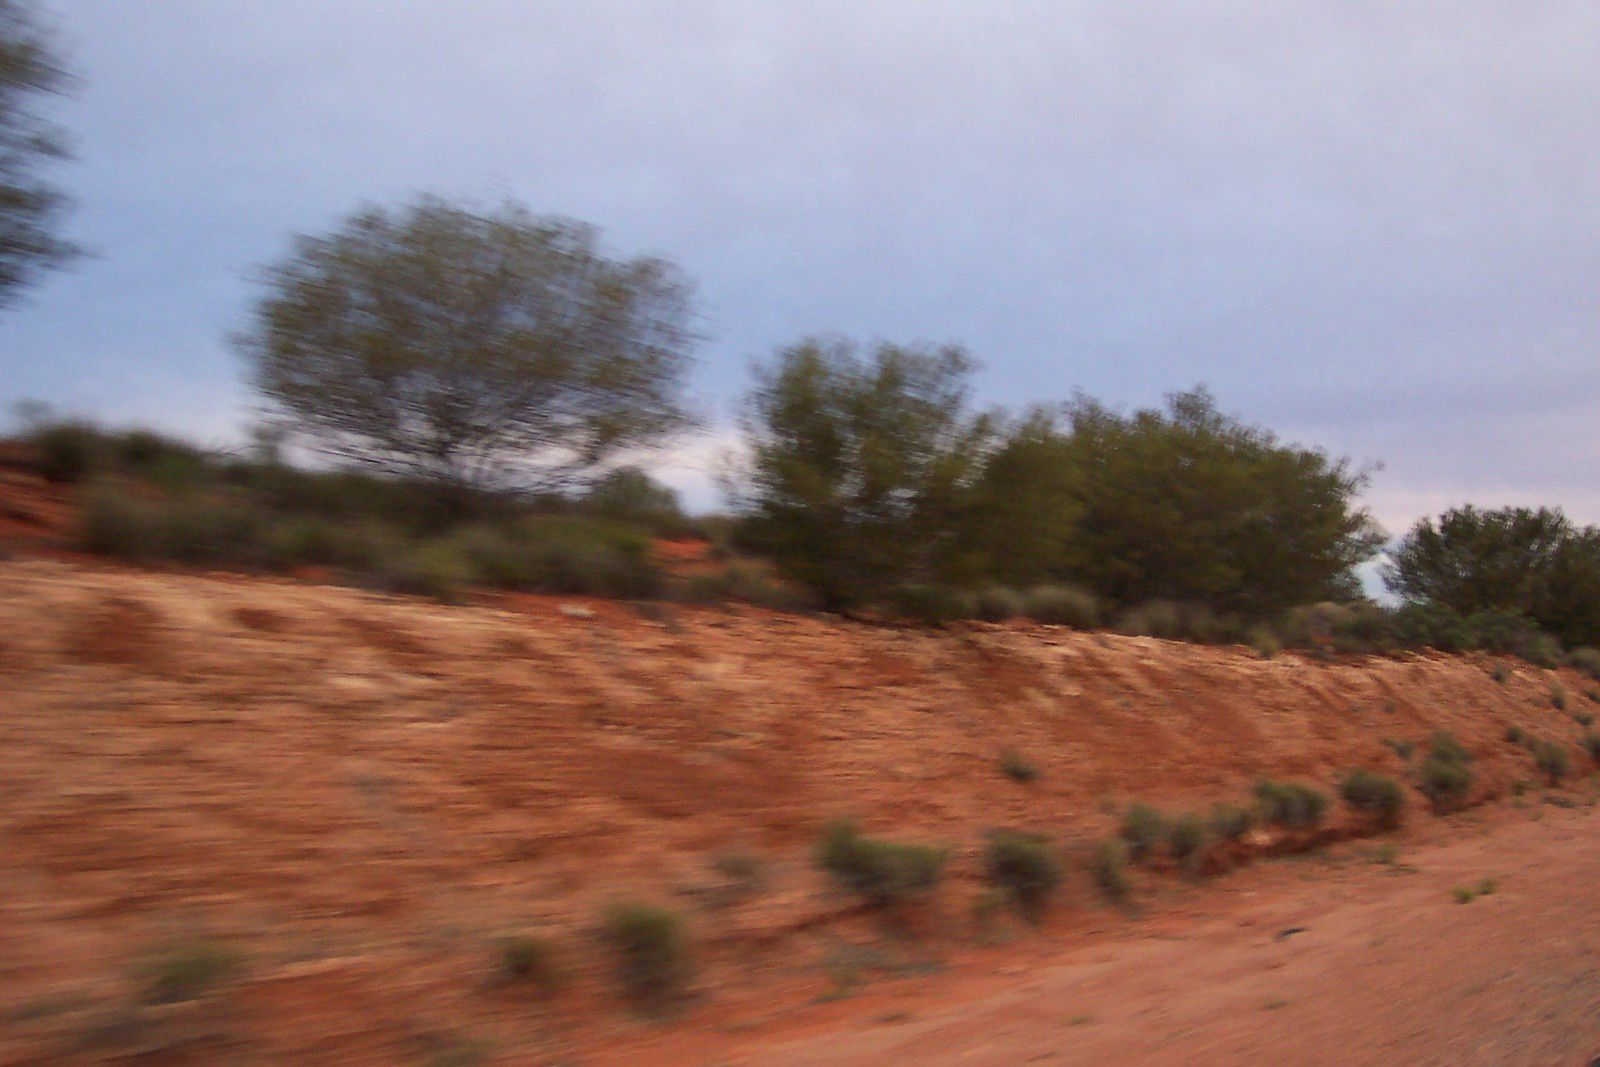 Sur la route qui mène à Alice Spring, en partant de Darwin, pendant notre road trip Australie 2004. charlotteblabla